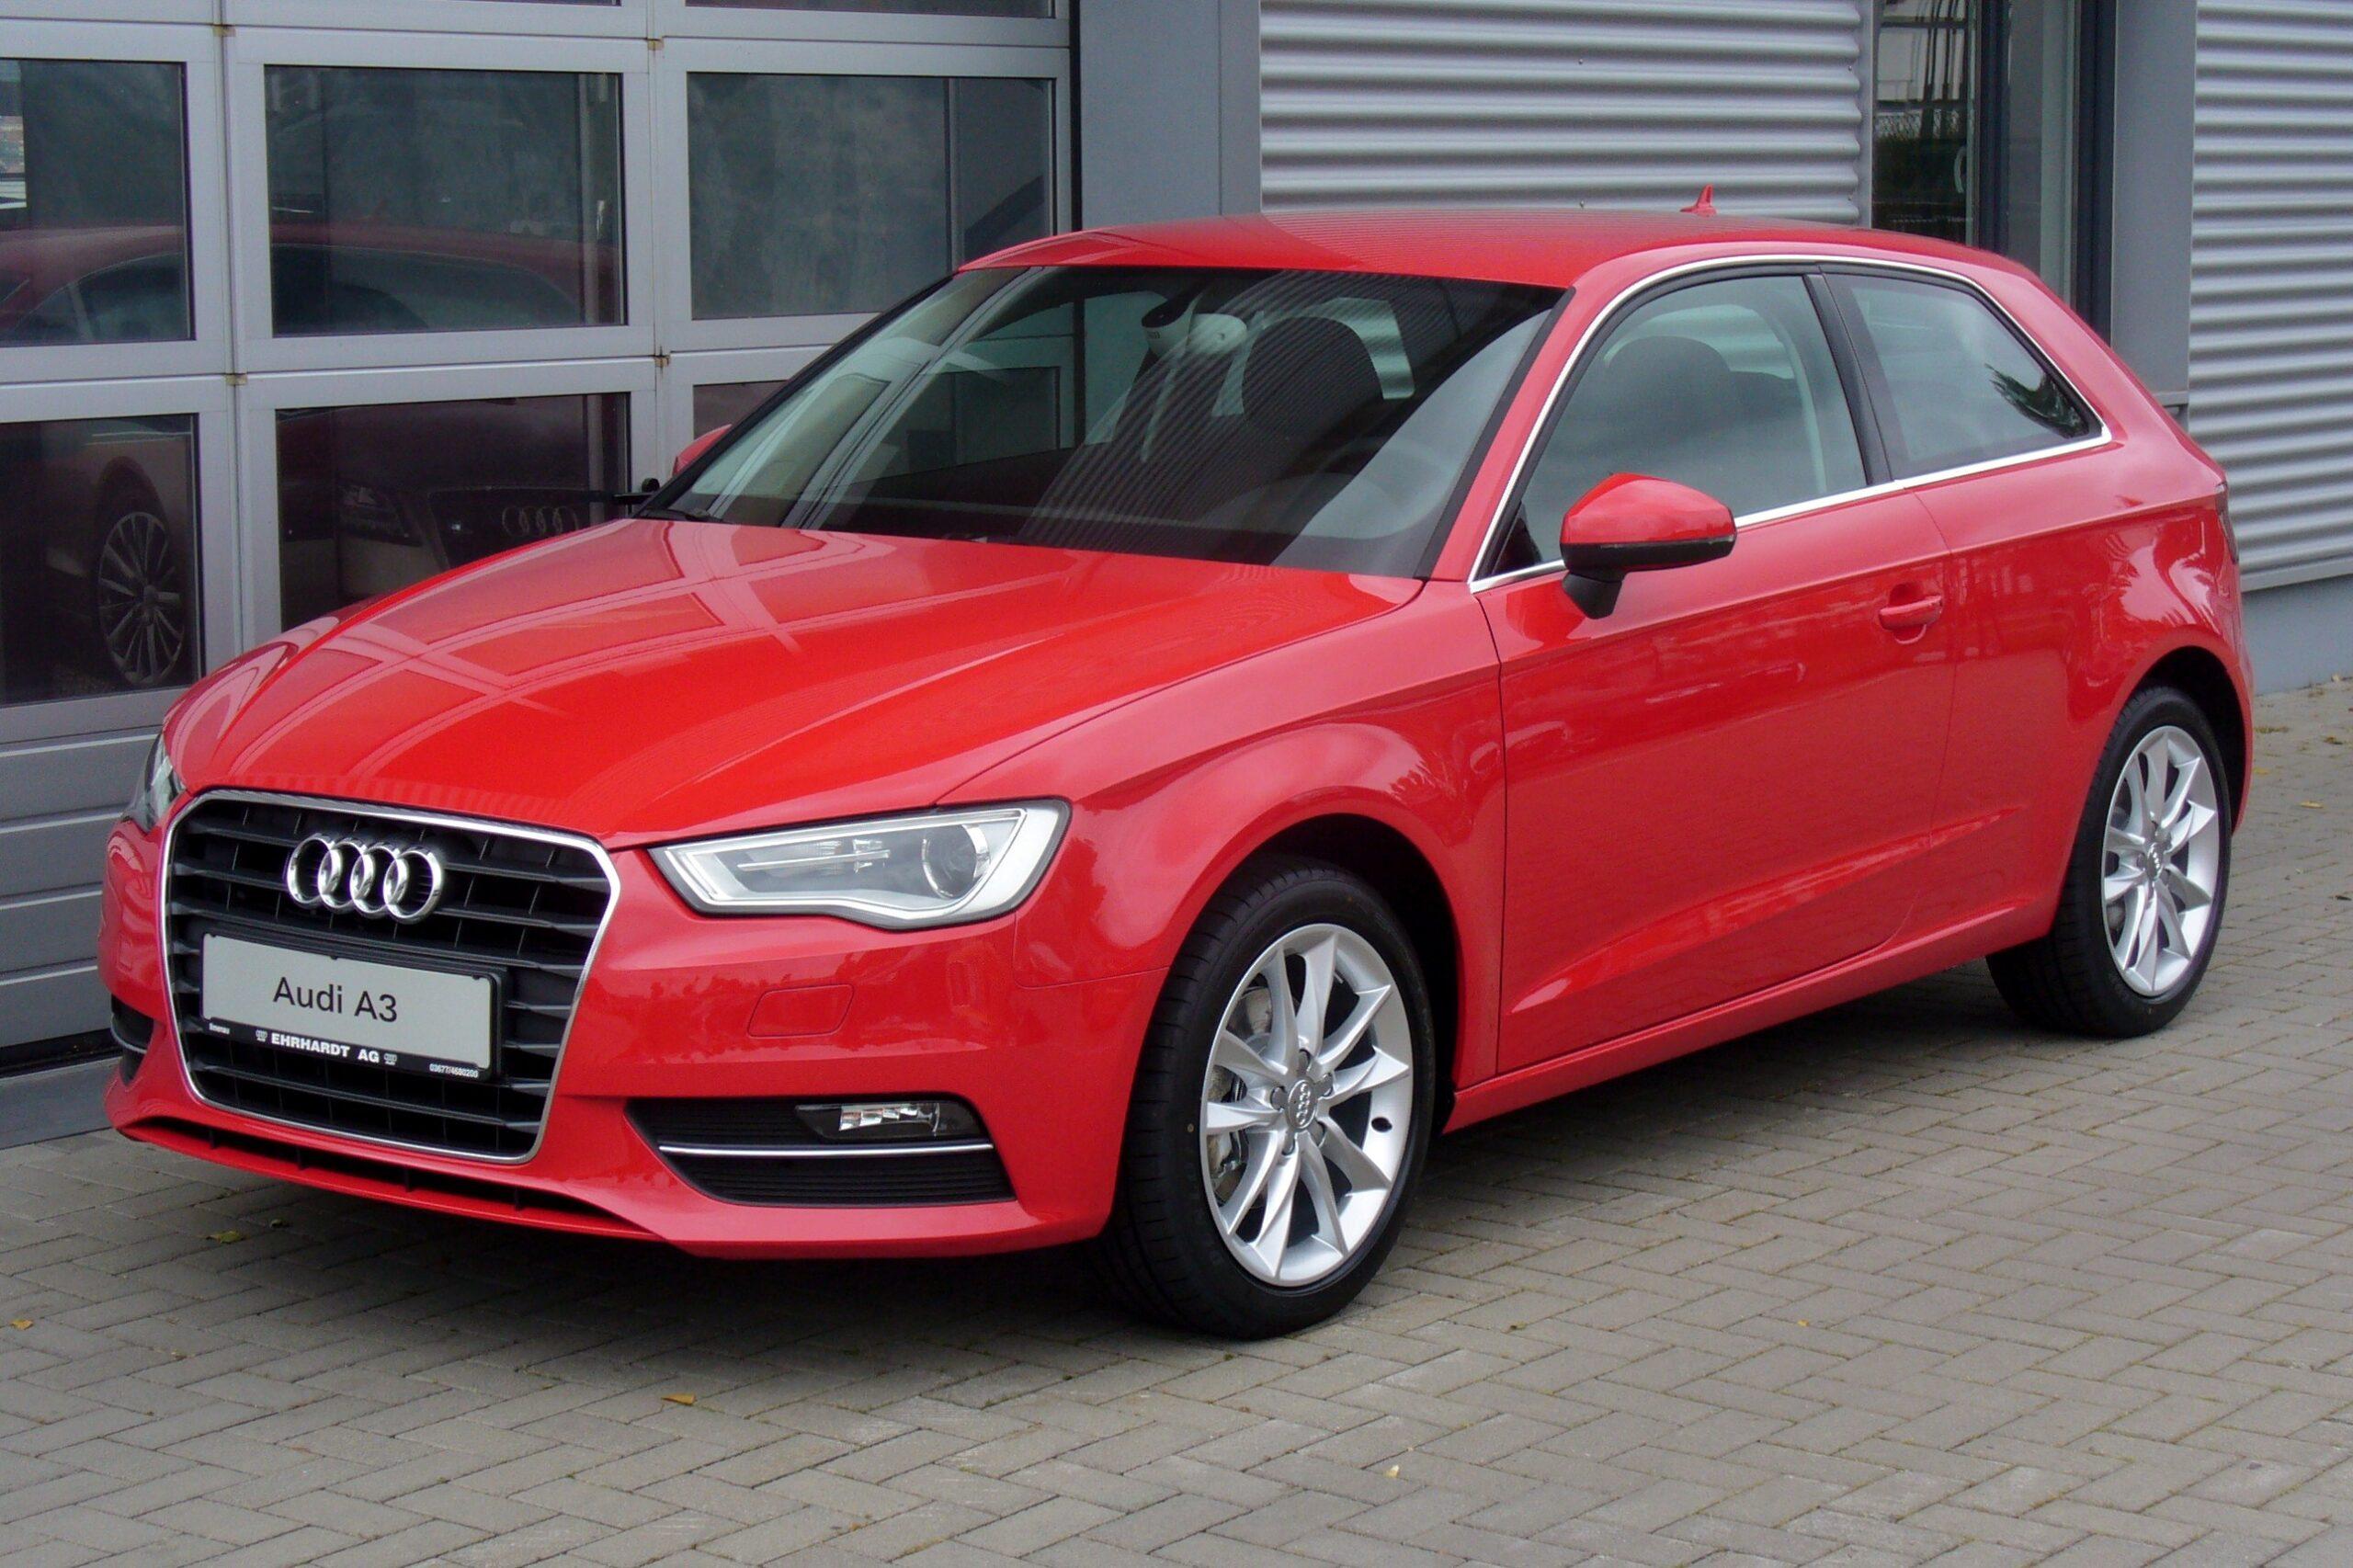 Audi A3 8V 1.4 TFSI